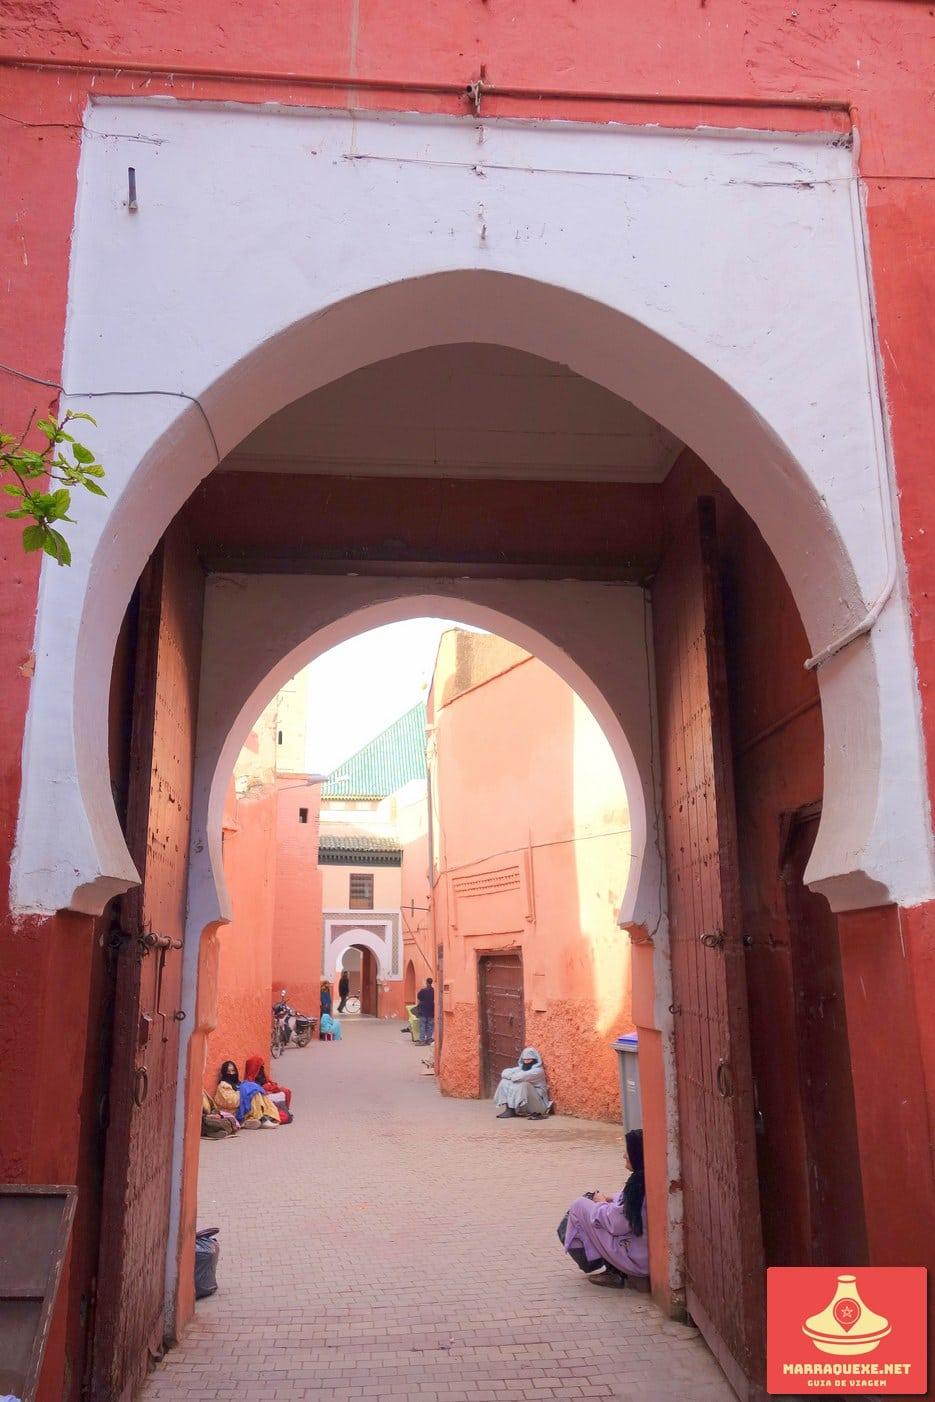 Entrada da Zaouia de Sidi Bel Abbès em Marraquexe